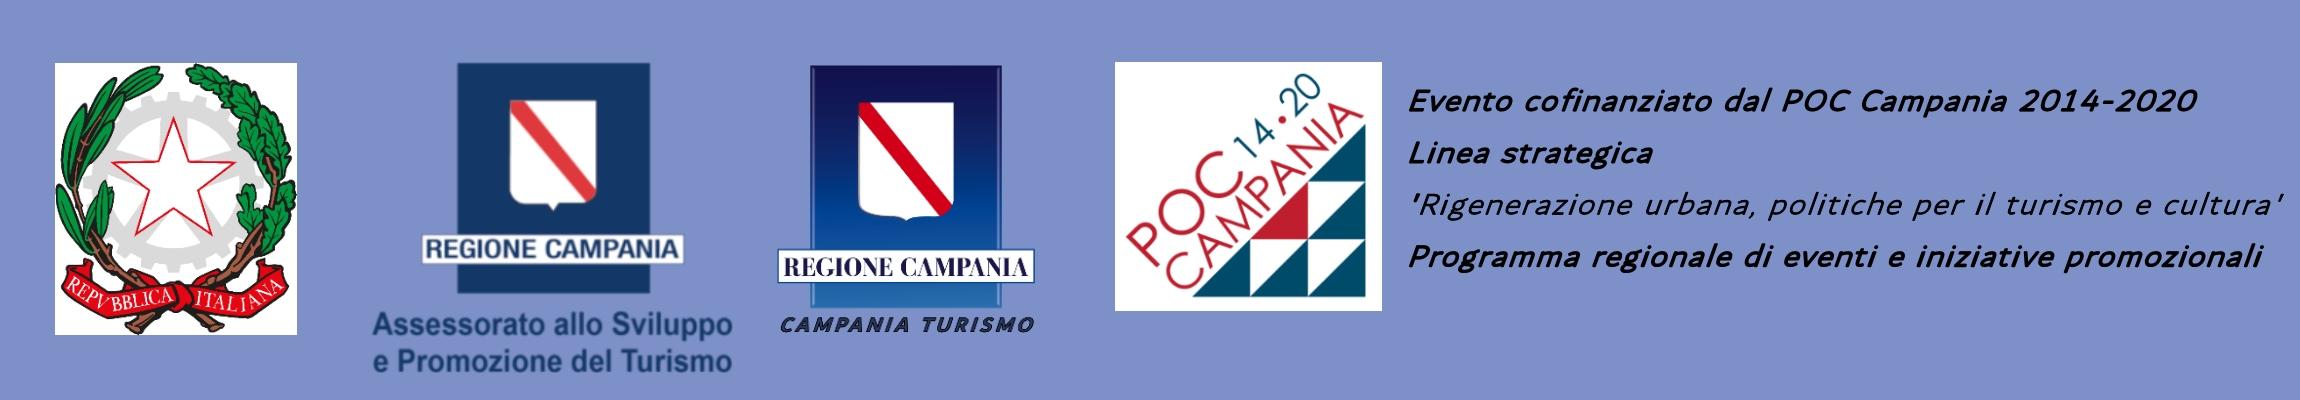 Premio Sele d'Oro cofinanziato dal POC Campania 2014-2020